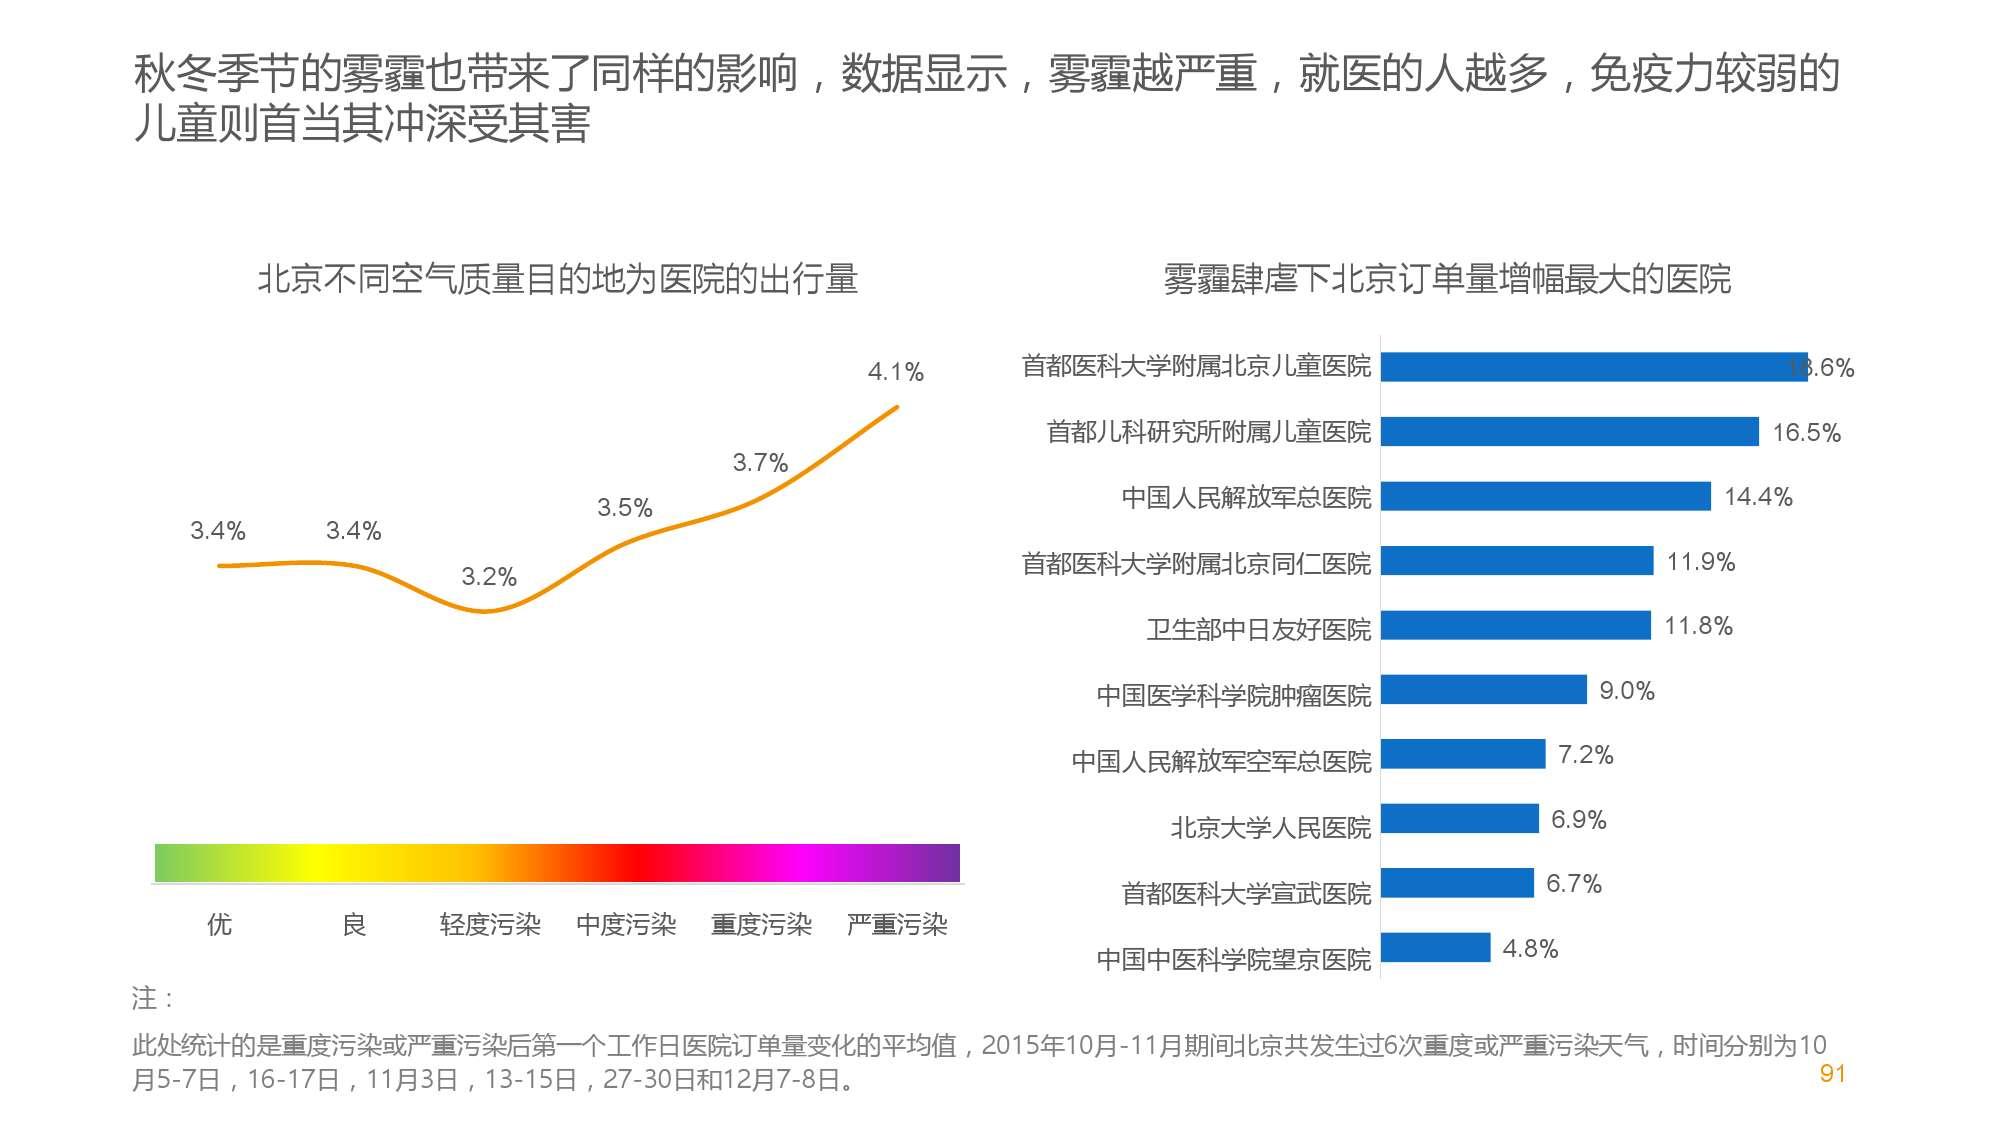 中国智能出行2015大数据报告_000091